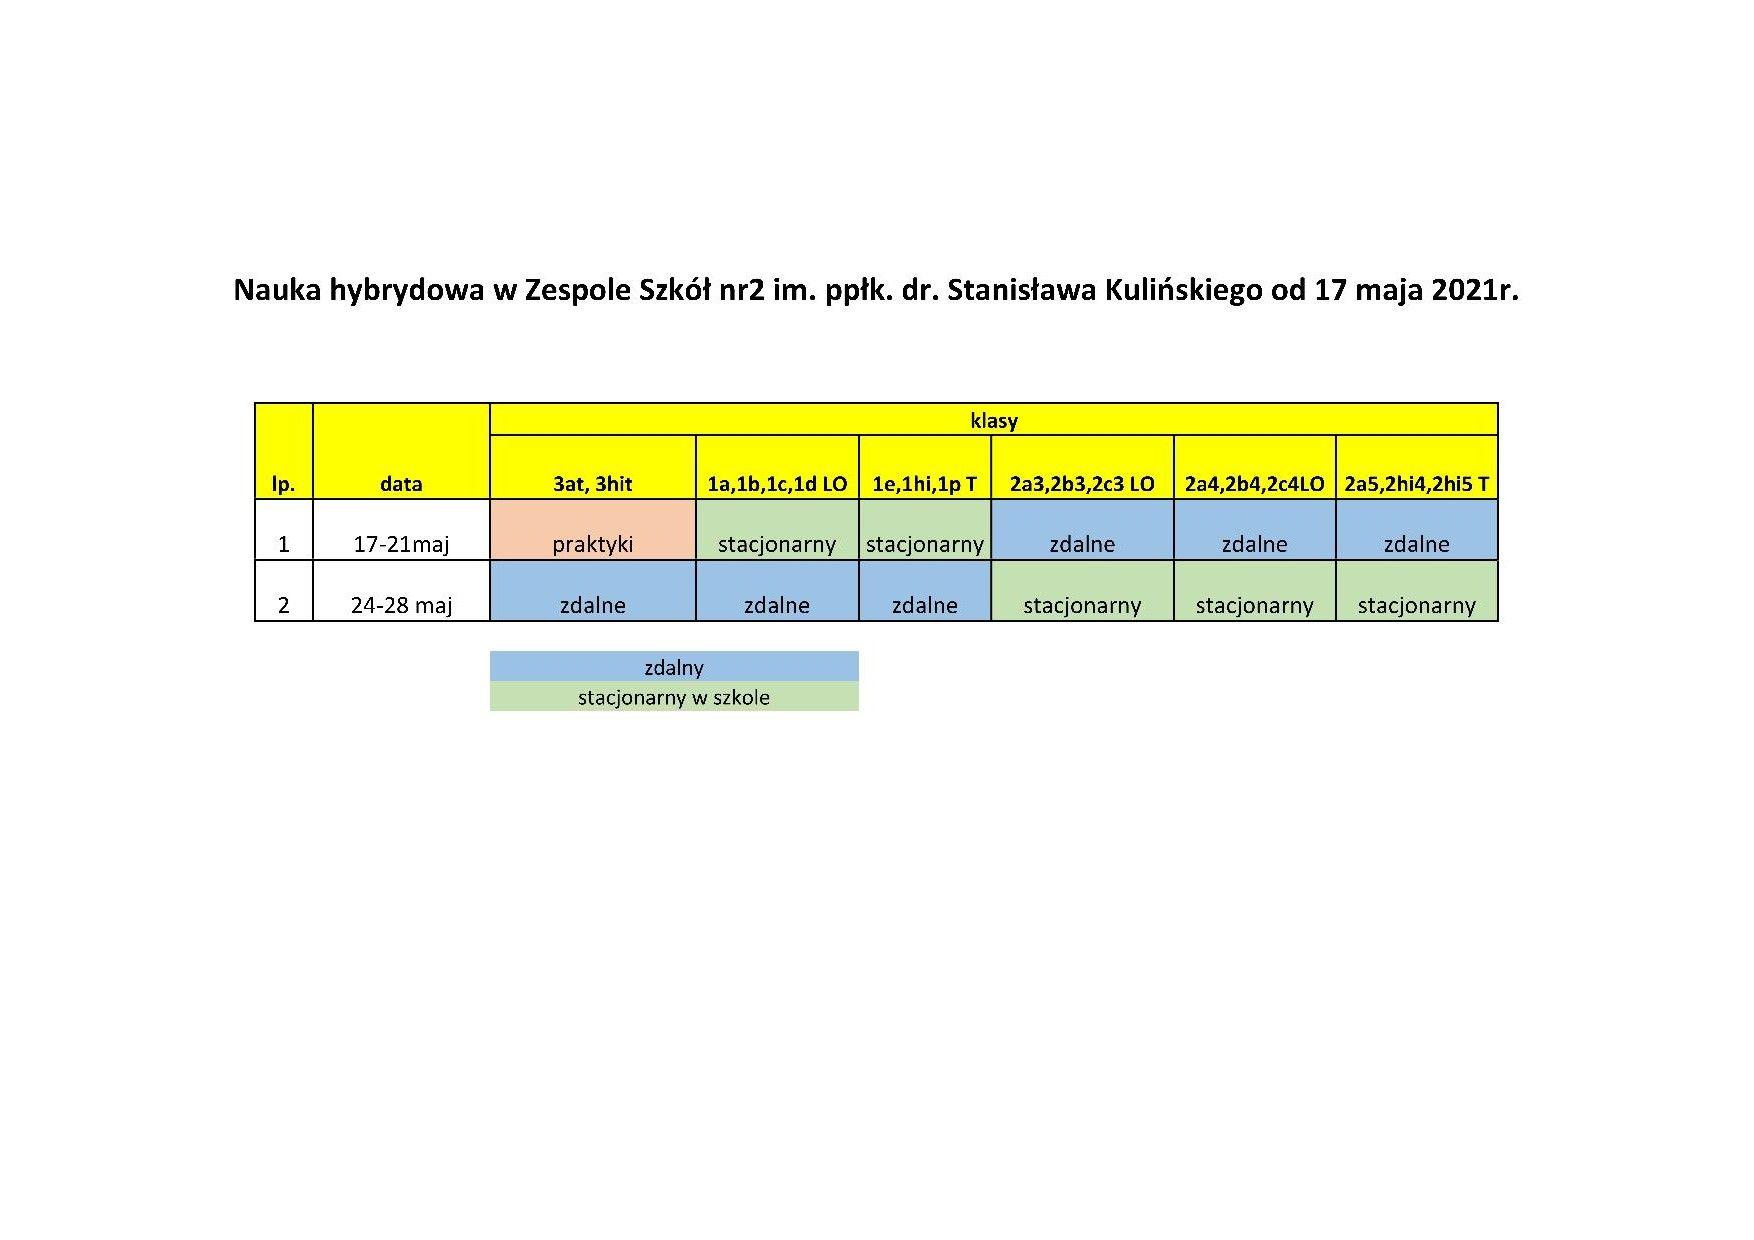 Nauka hybrydowa od 17 maja 2021